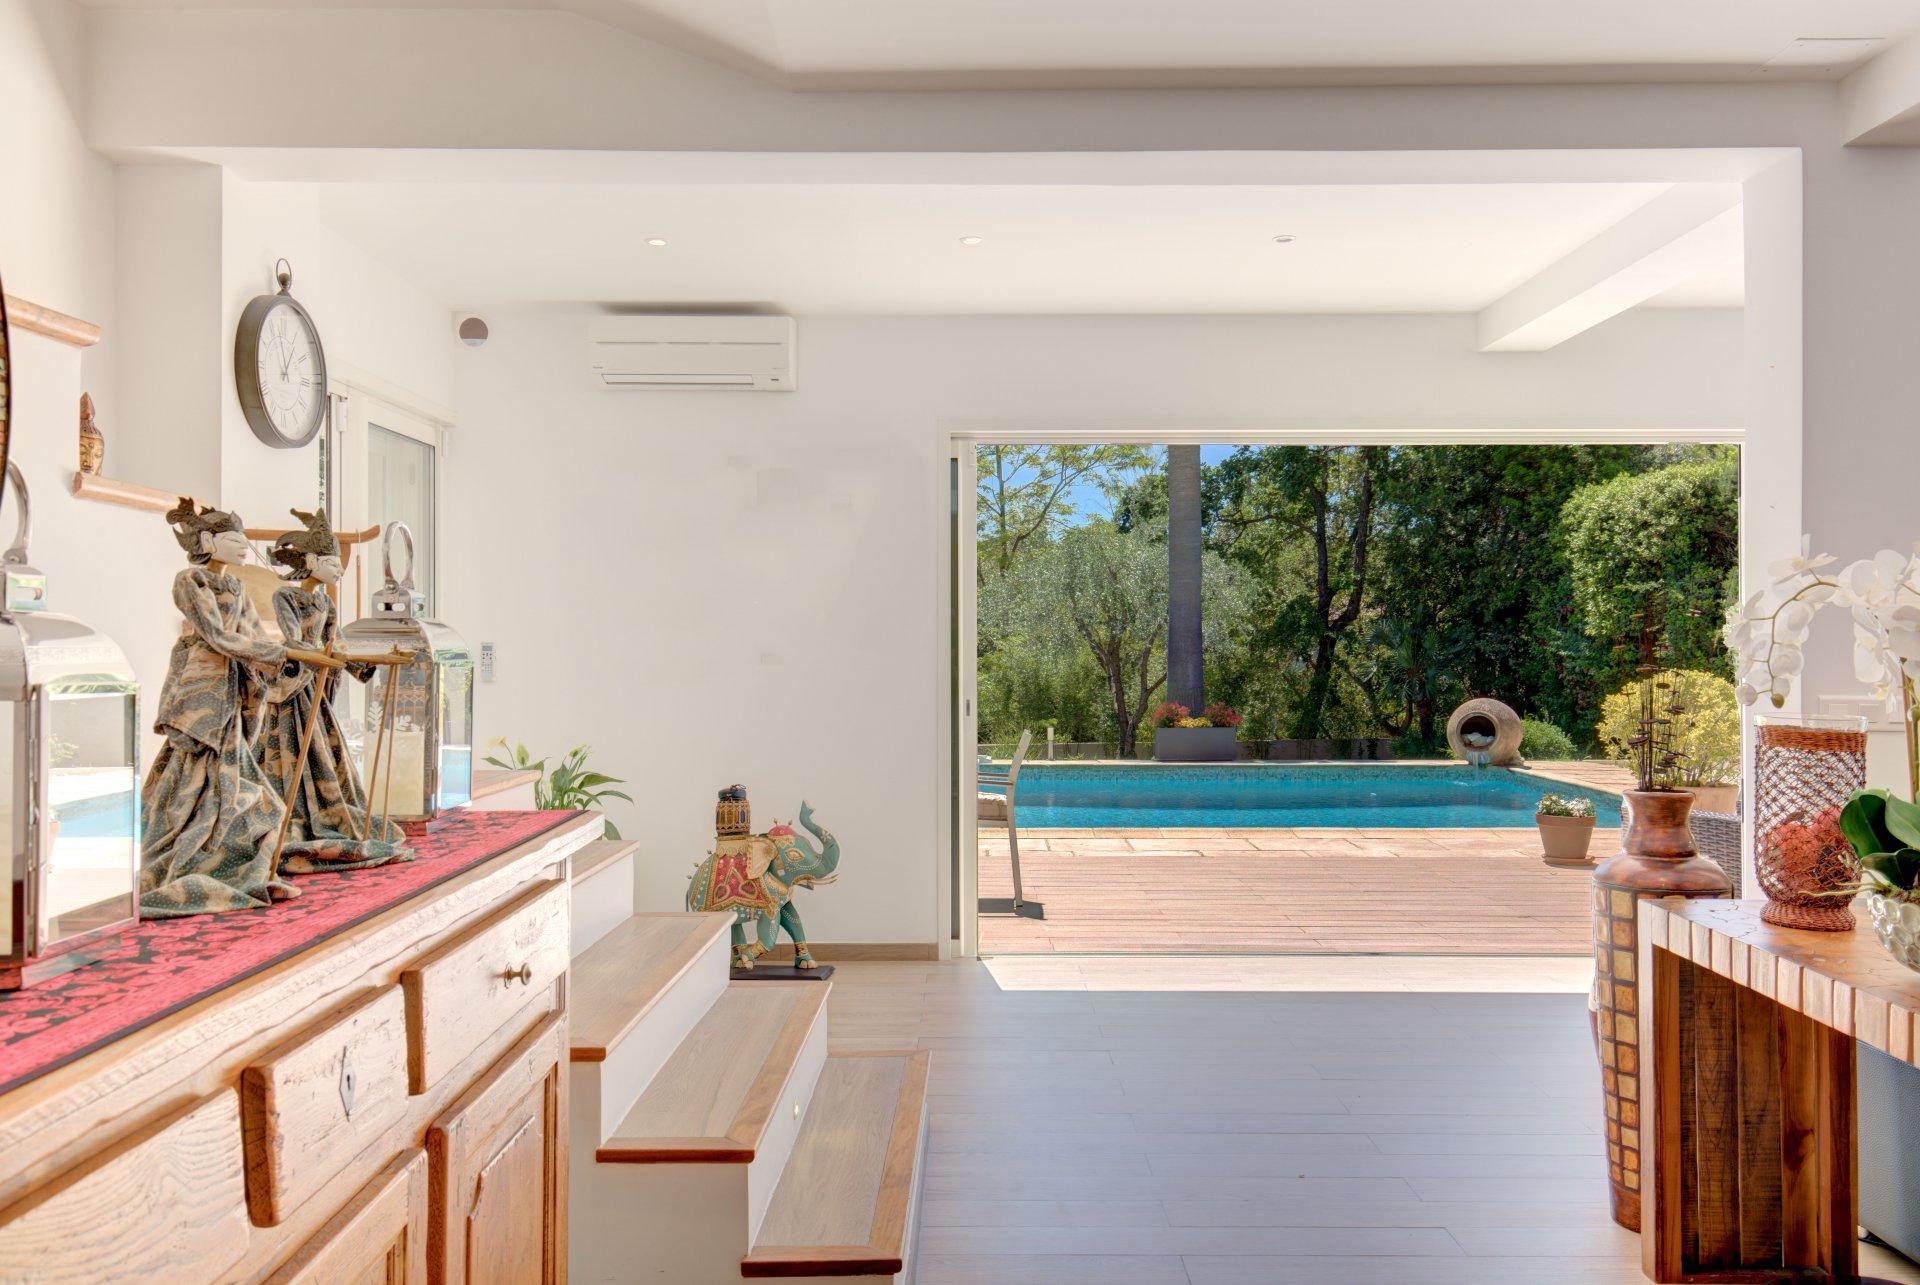 Mougins : Belle villa ensoleillée et rénovée, située dans un cadre sécurisé